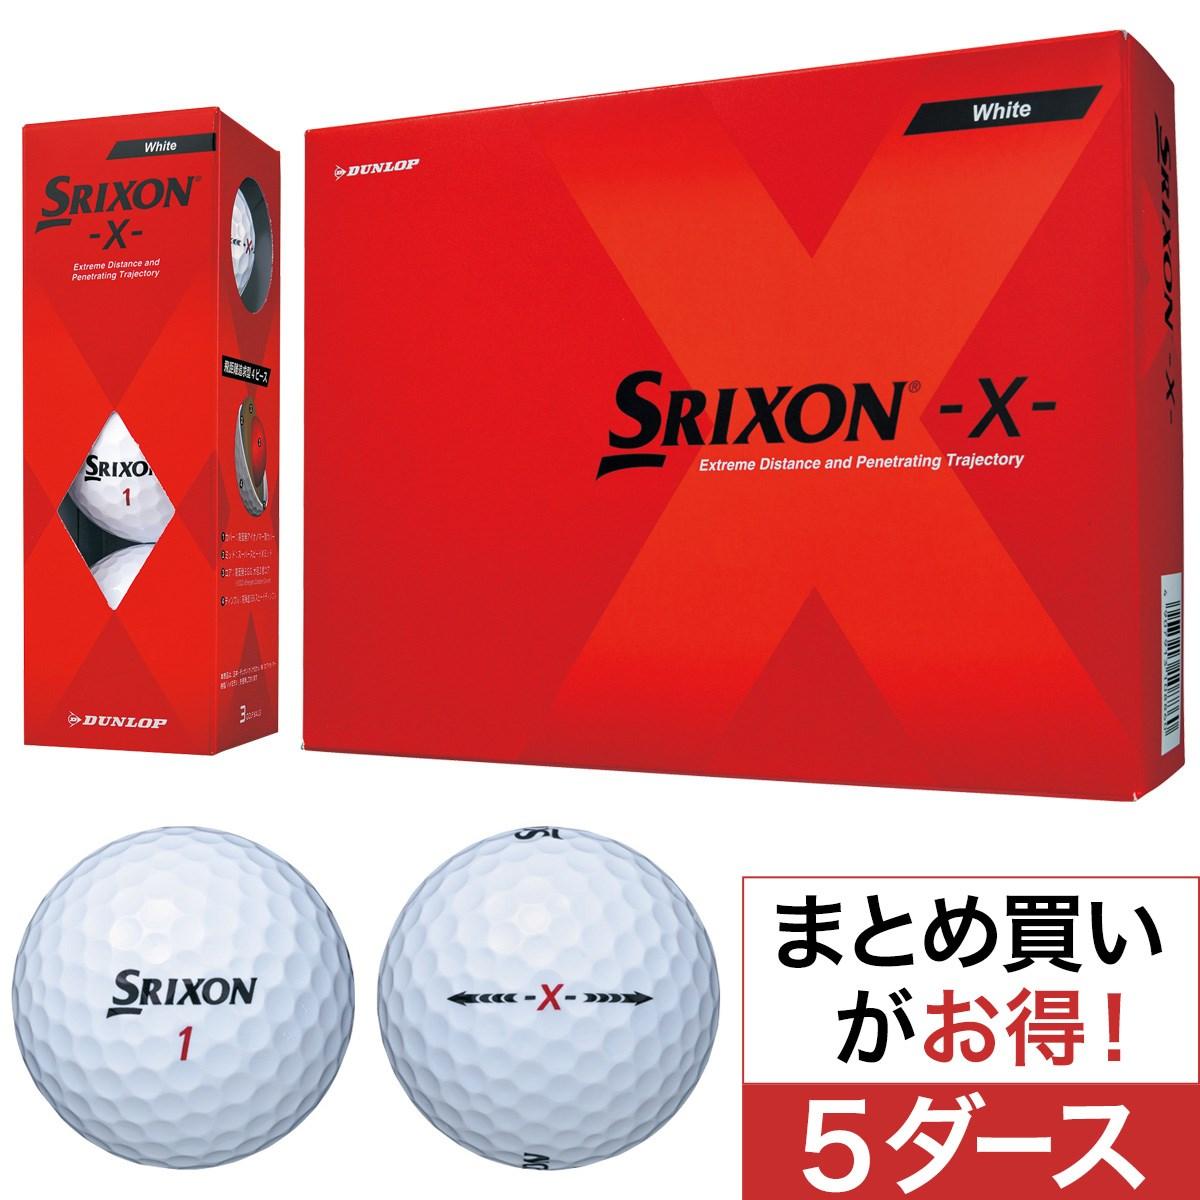 ダンロップ(DUNLOP) スリクソン X ボール 5ダースセット